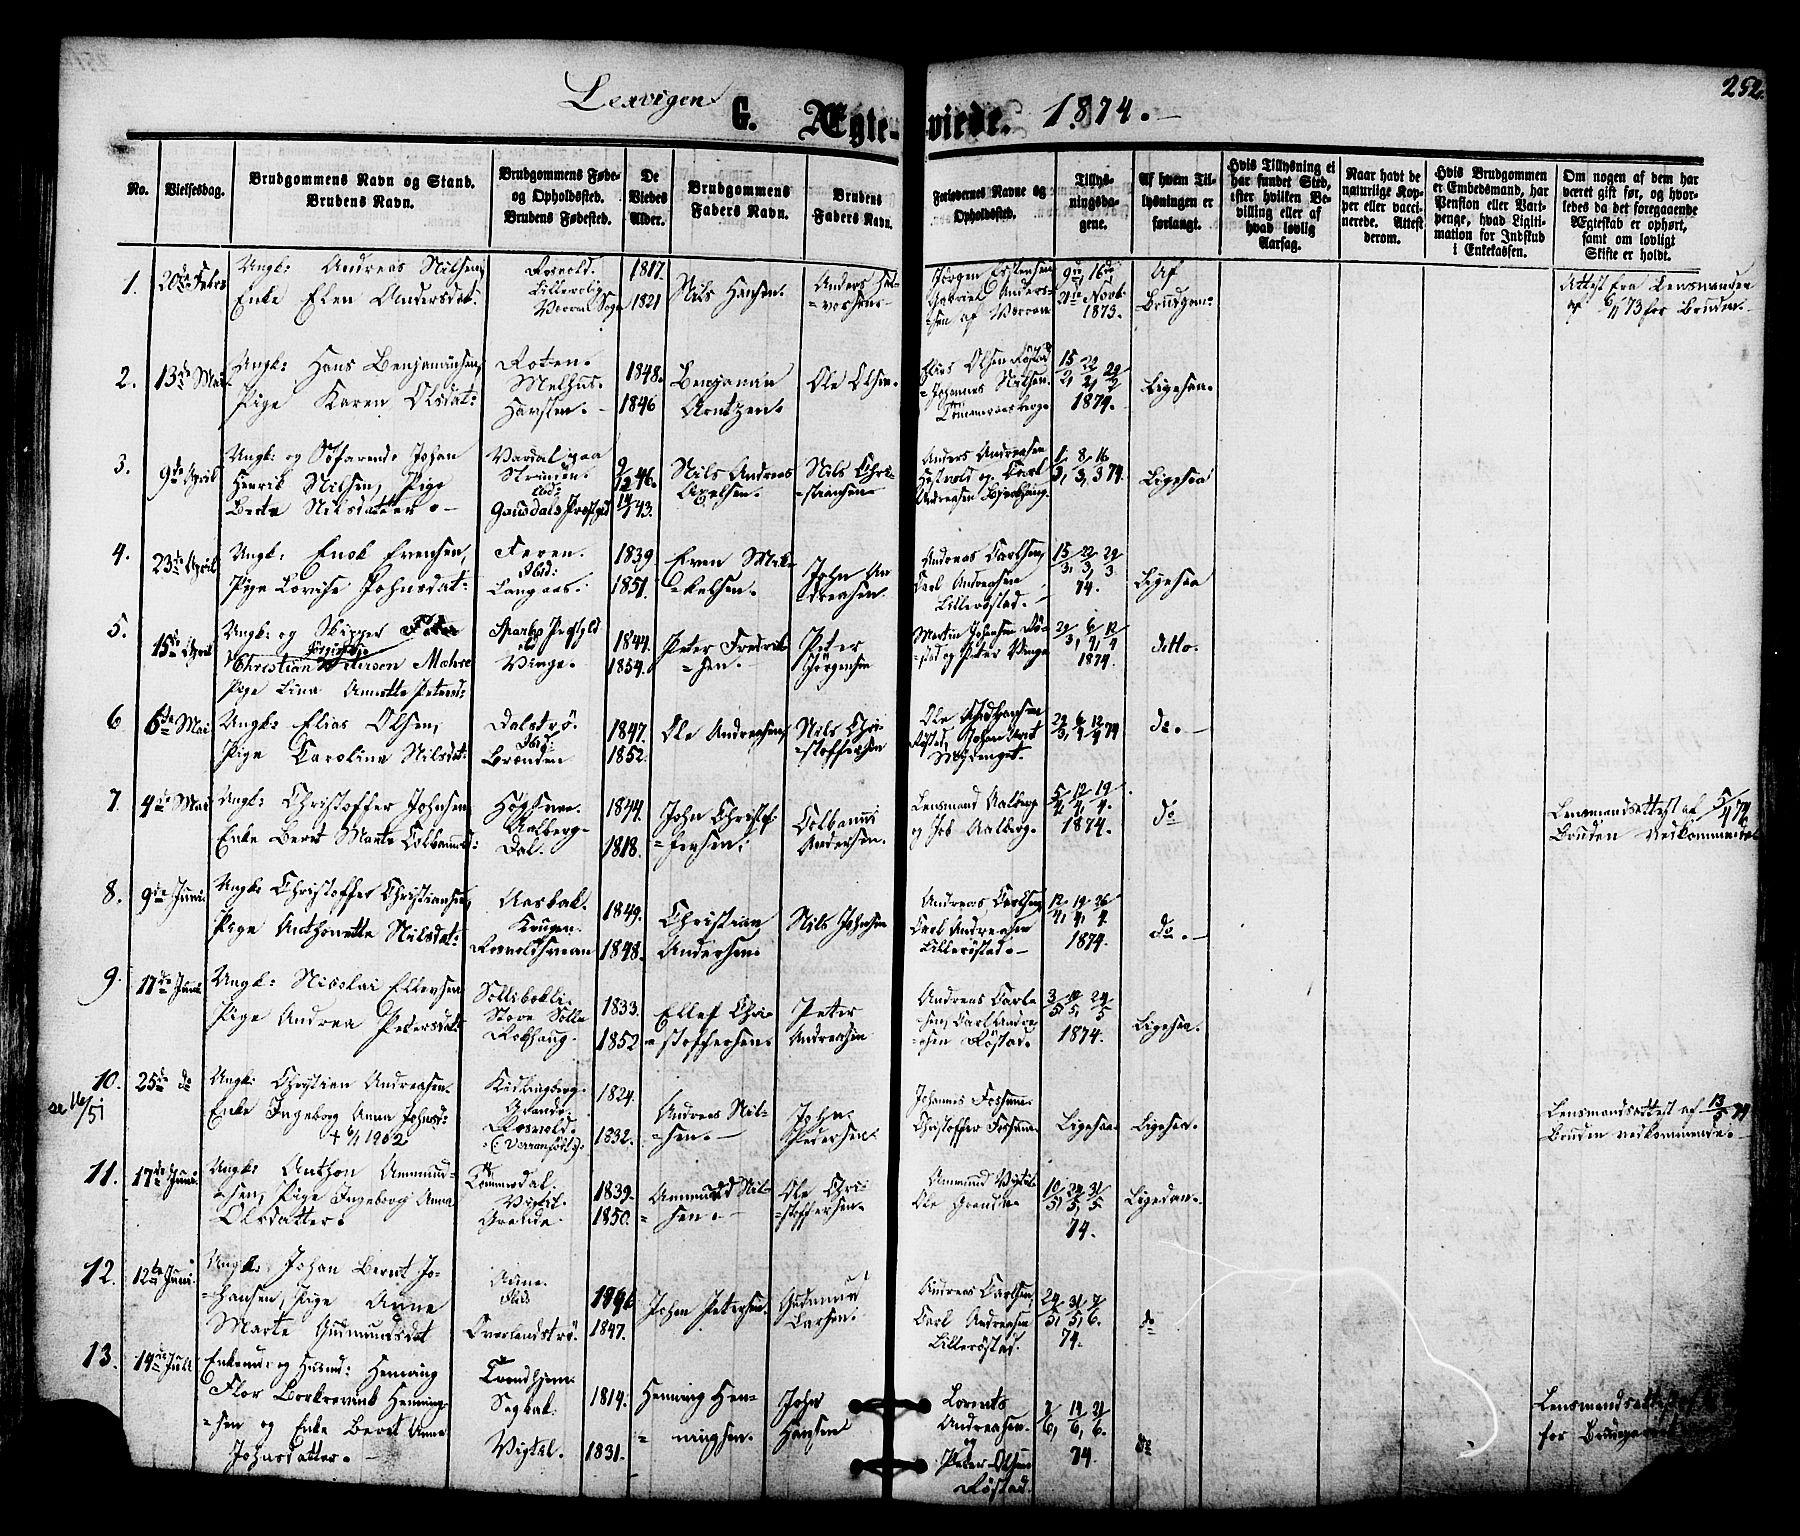 SAT, Ministerialprotokoller, klokkerbøker og fødselsregistre - Nord-Trøndelag, 701/L0009: Ministerialbok nr. 701A09 /1, 1864-1882, s. 252